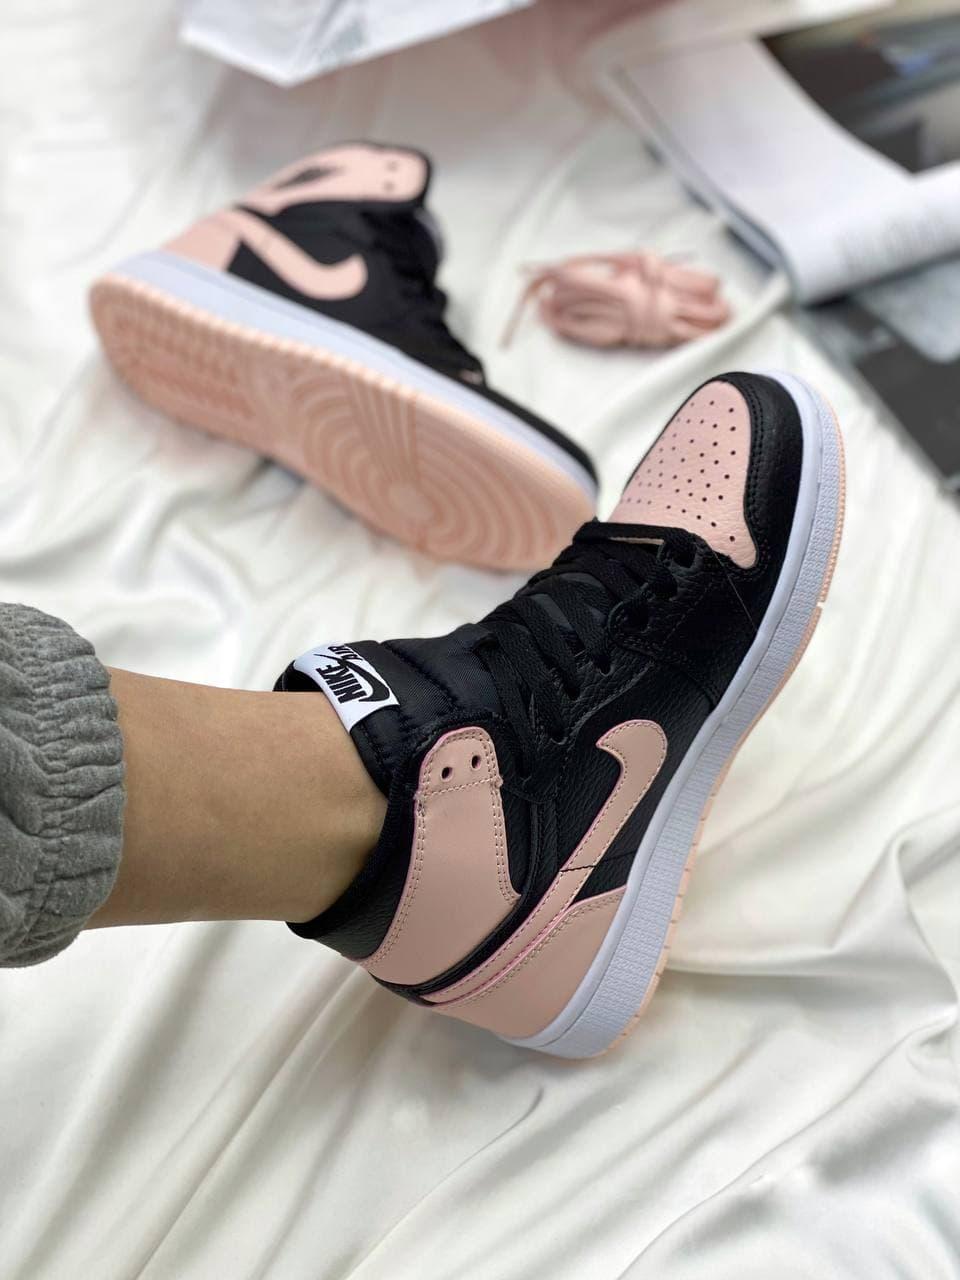 Air Jordan Retro High Peach/Black (Топ якість) Осінь-Весна, Кроссівки, взуття